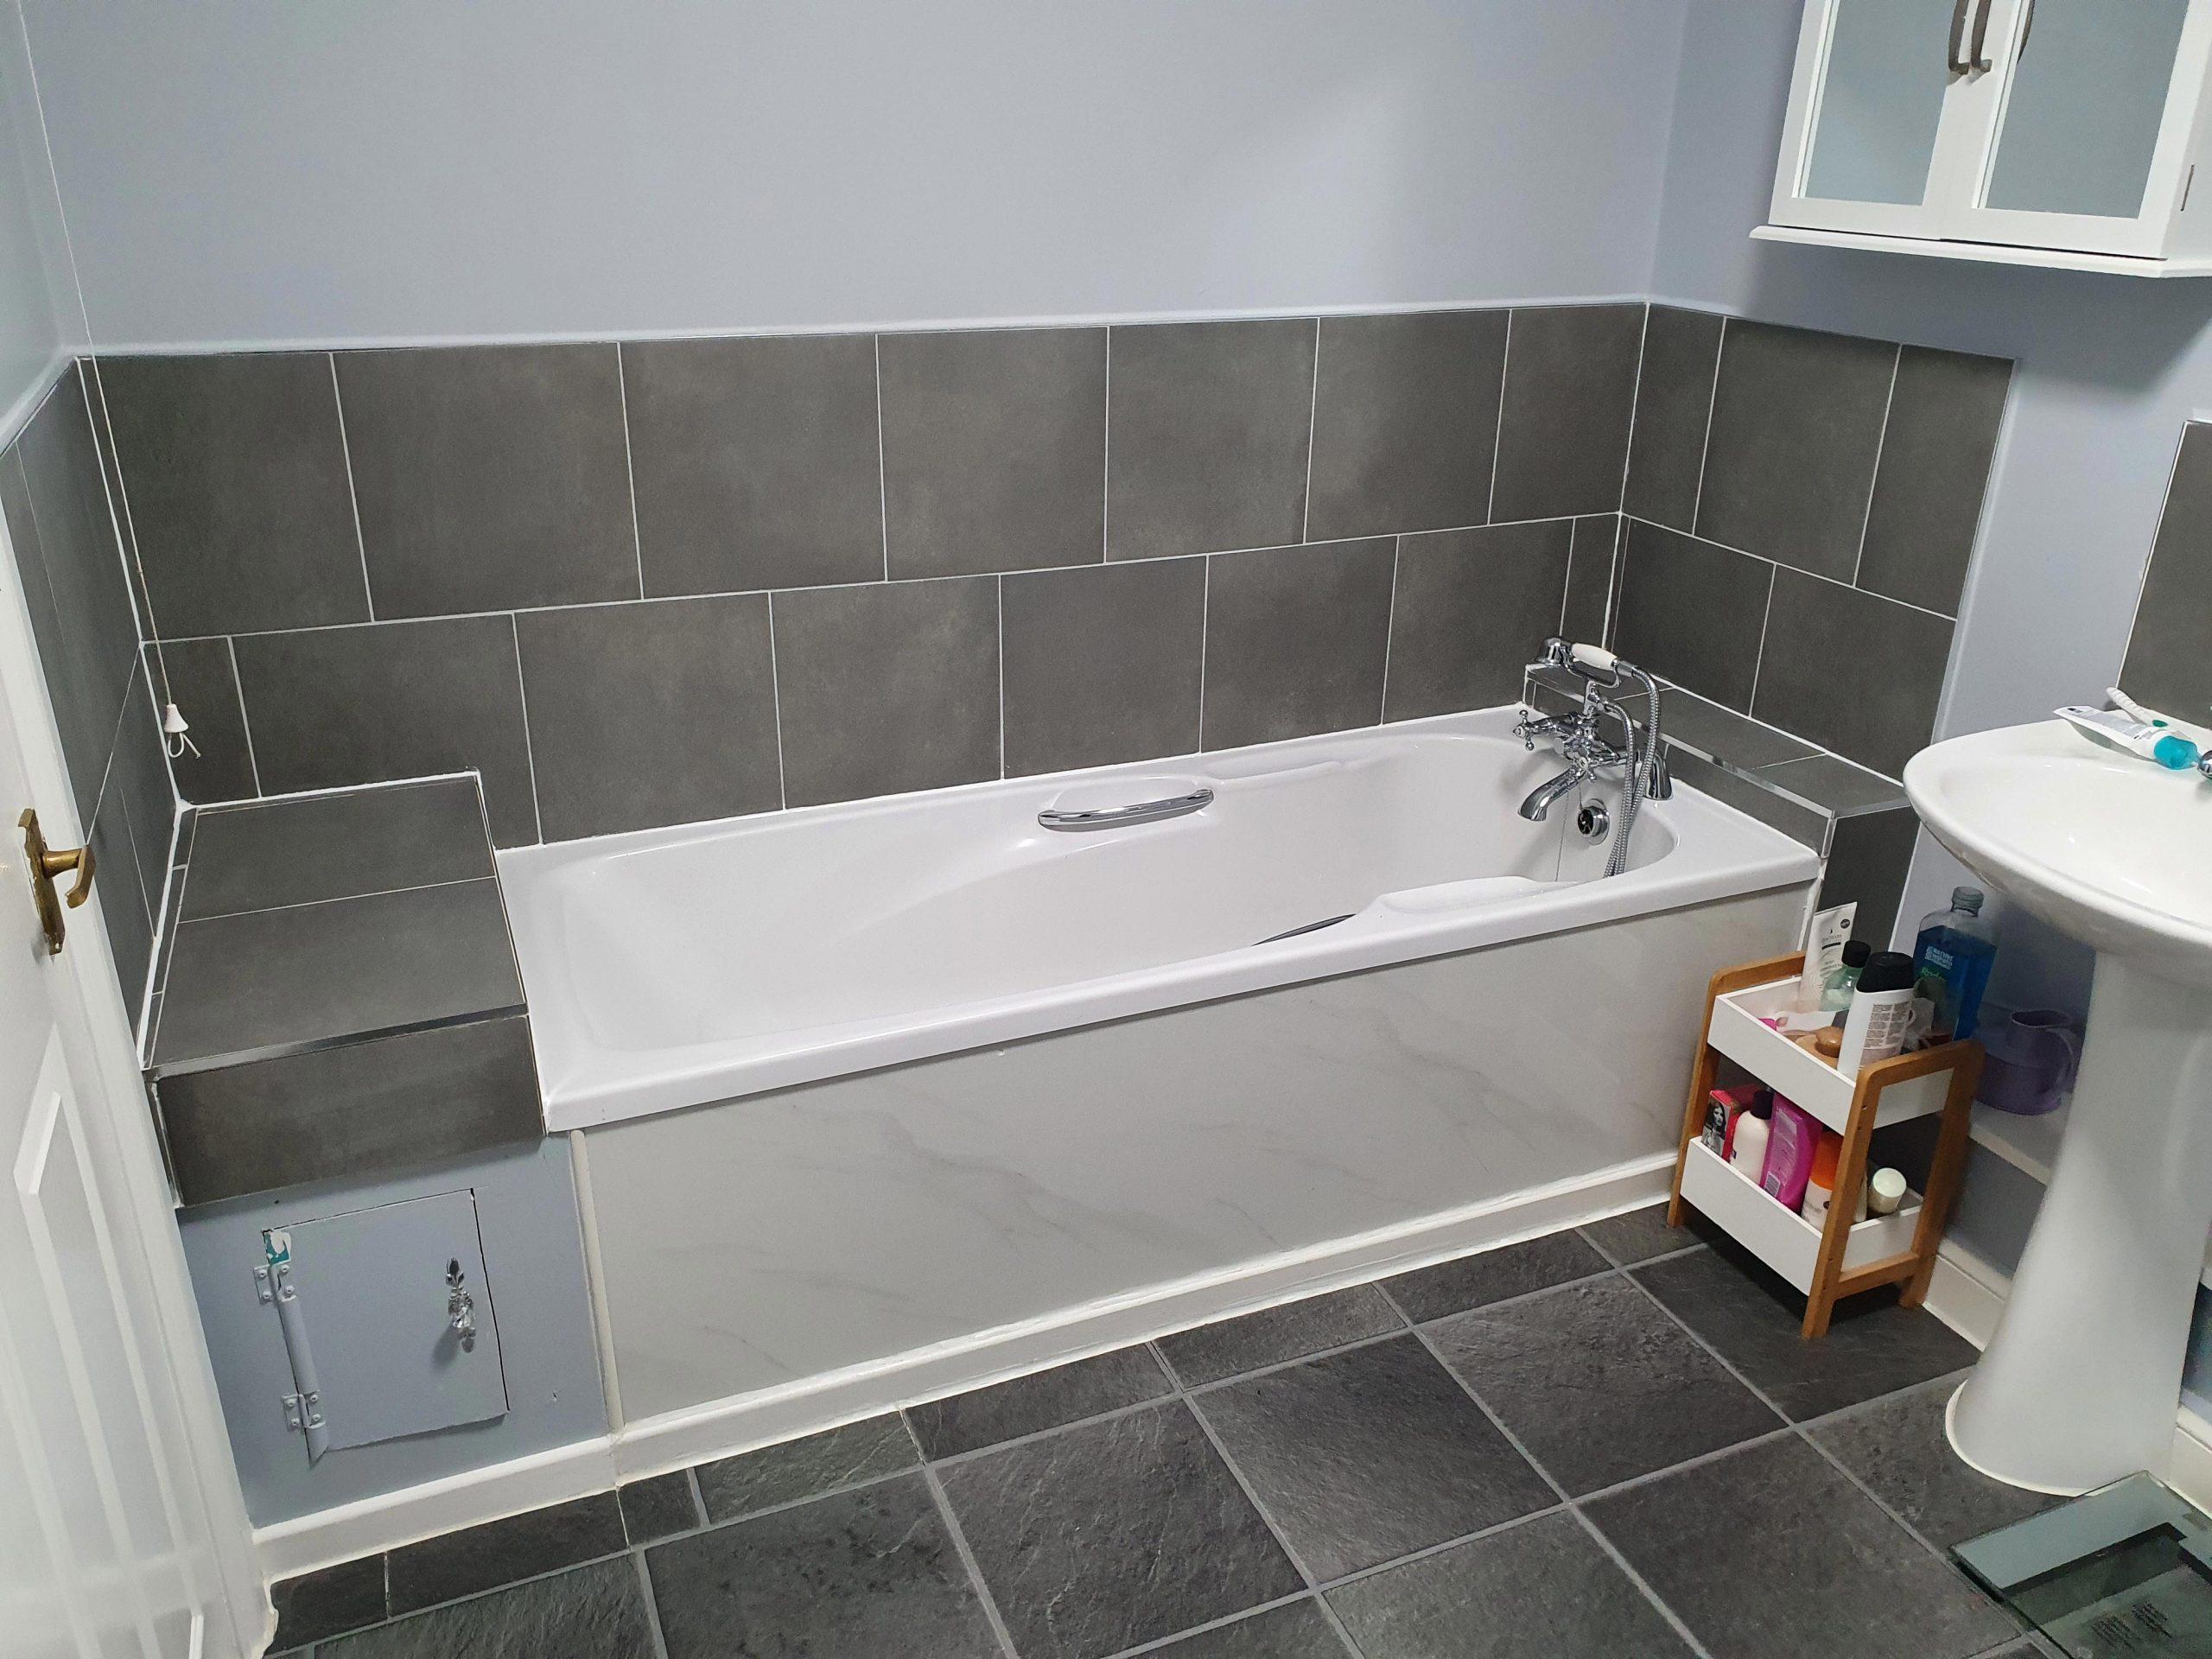 Bath-and-tiles